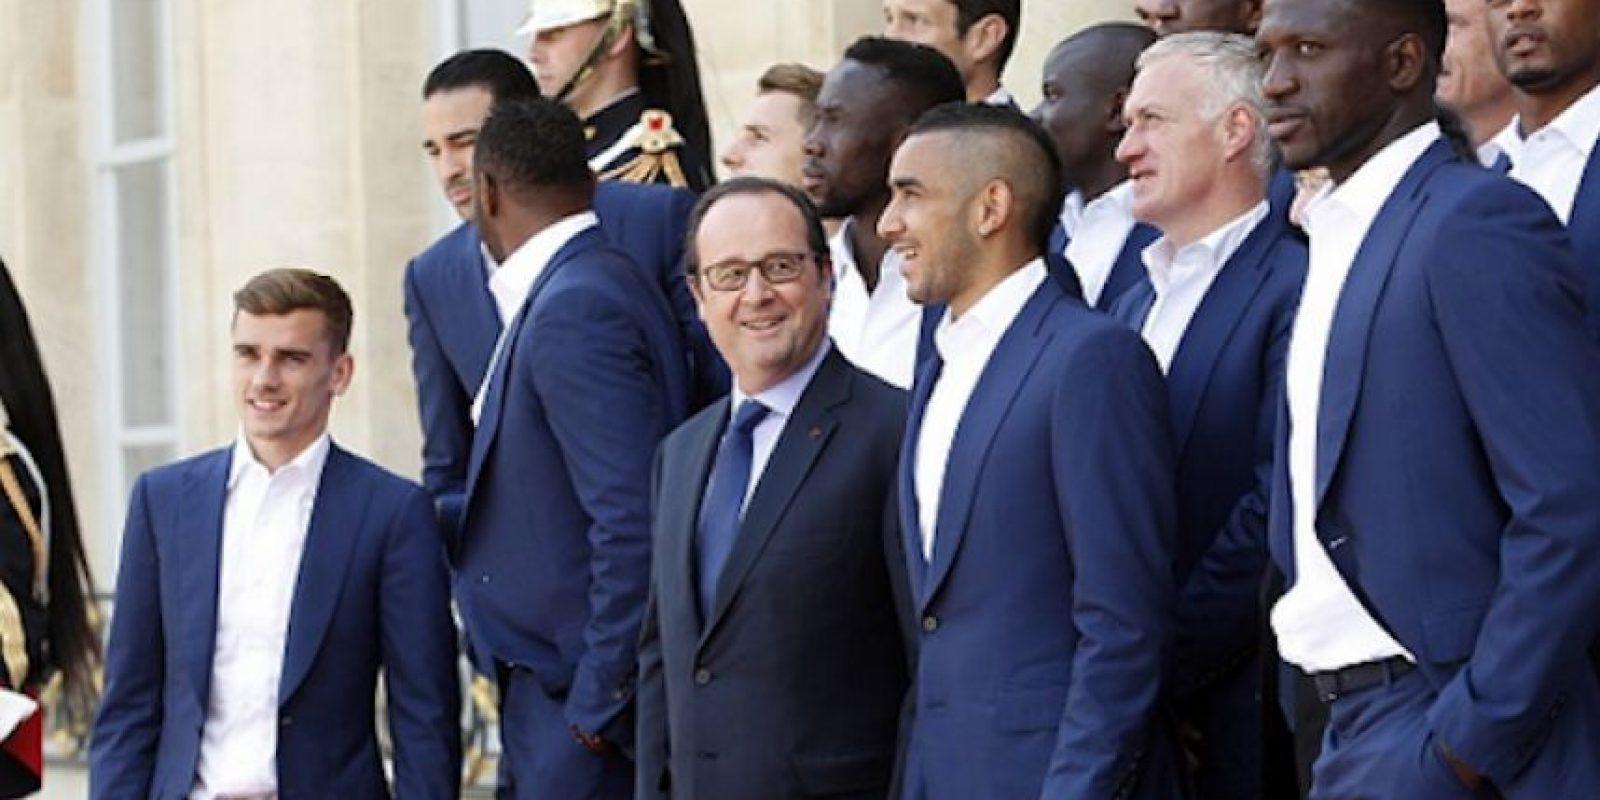 Francois Hollande reconoció el esfuerzo de los seleccionados galos. Foto:Getty Images